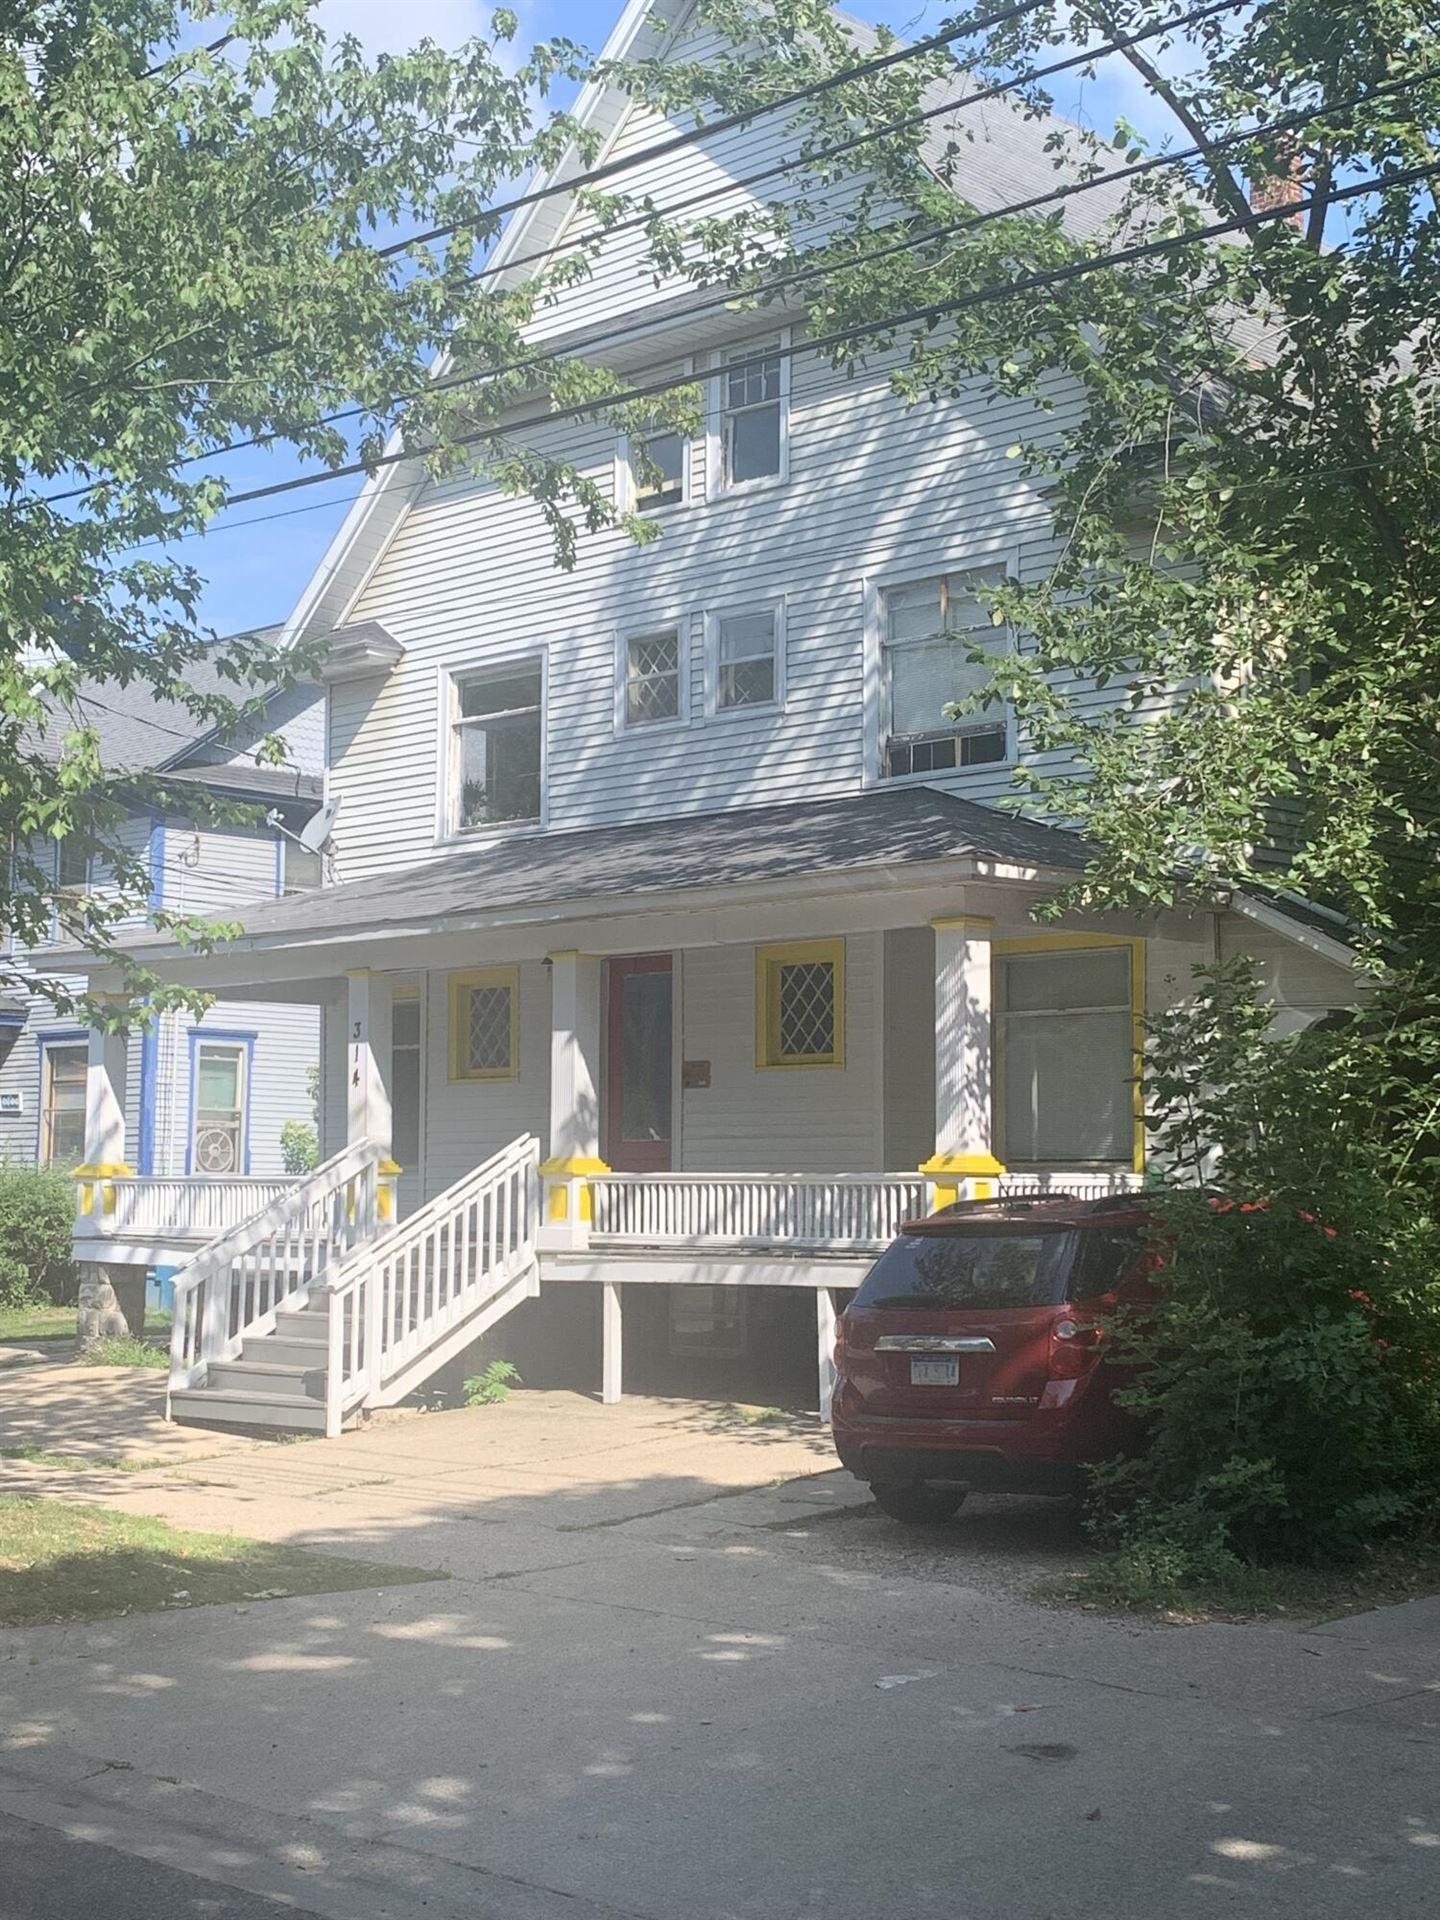 314 W Vine Street, Kalamazoo, MI 49001 - MLS#: 21101523